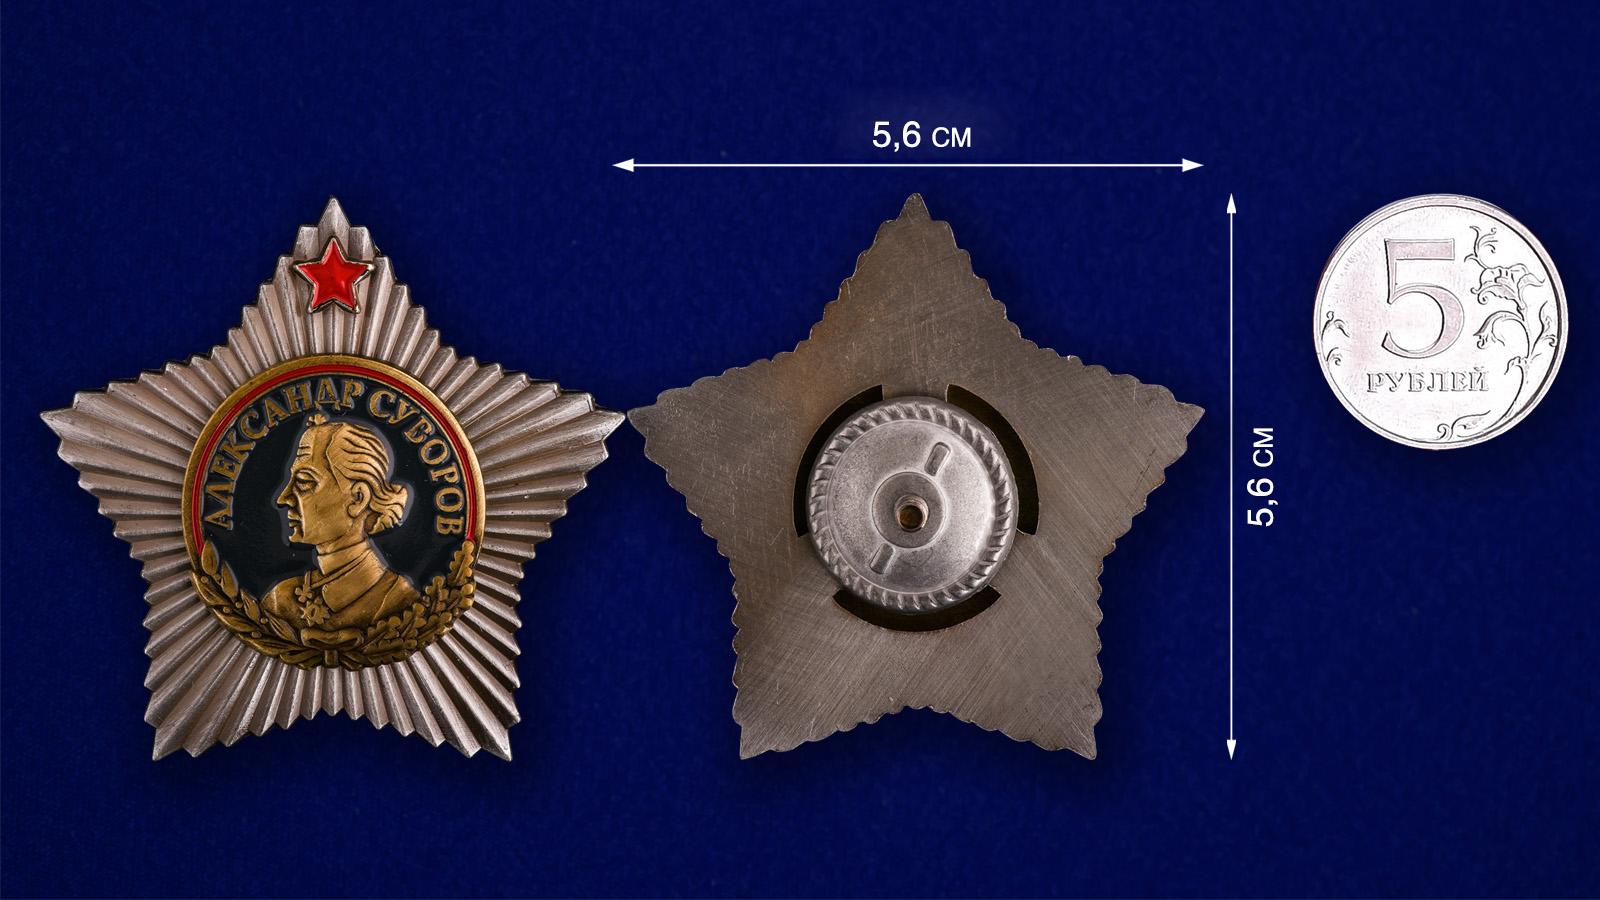 Муляж ордена Суворова 1 степени - сравнительный размер